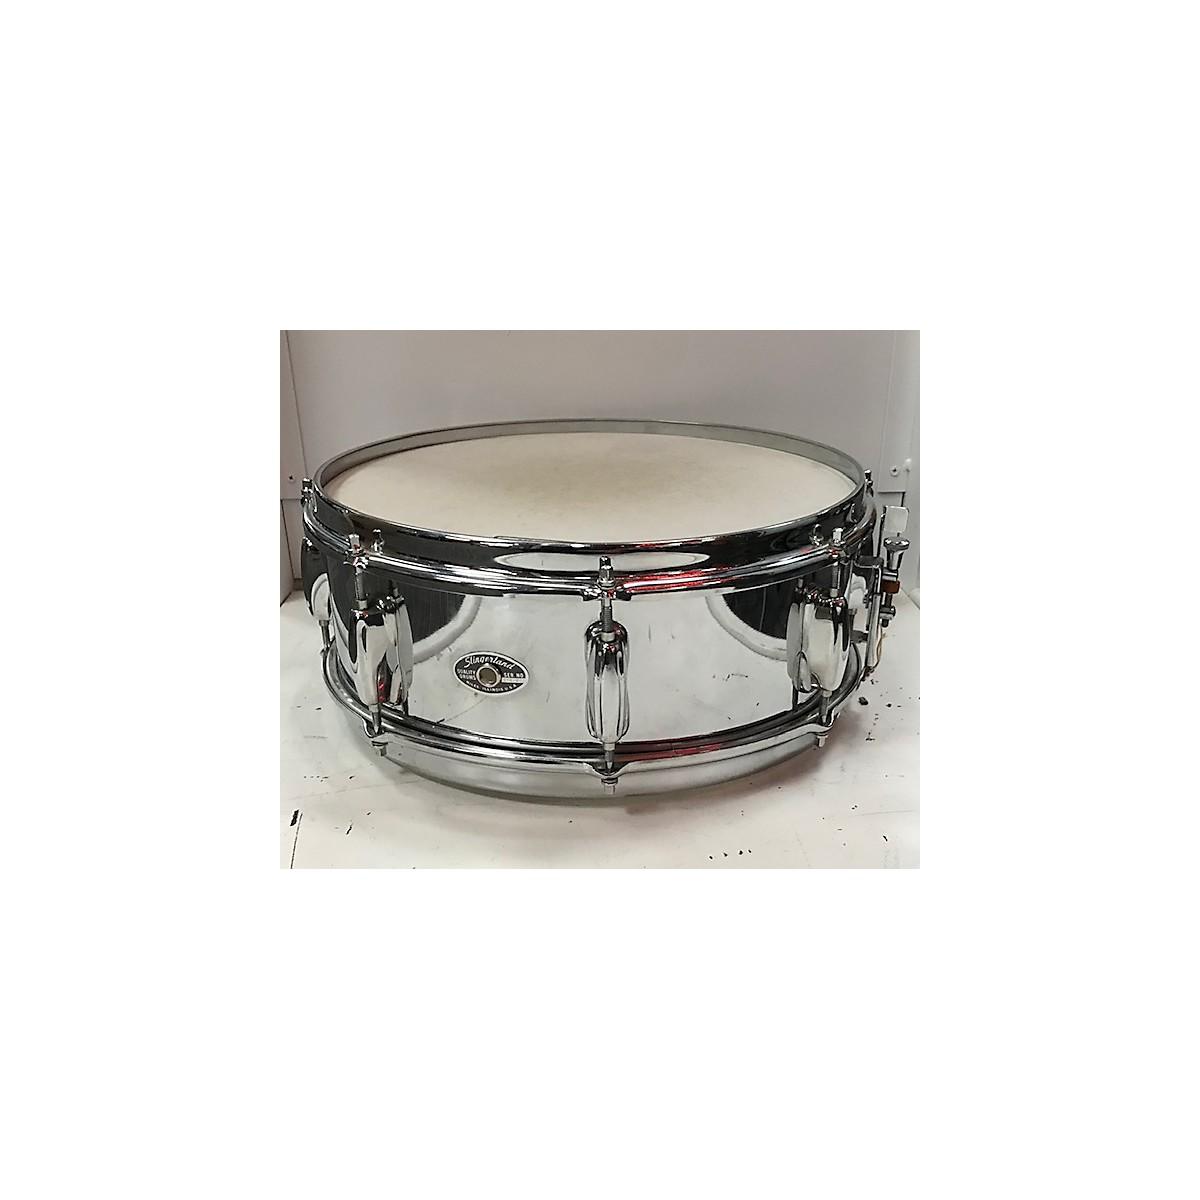 Slingerland 1970s 14X5  Festival Snare Drum